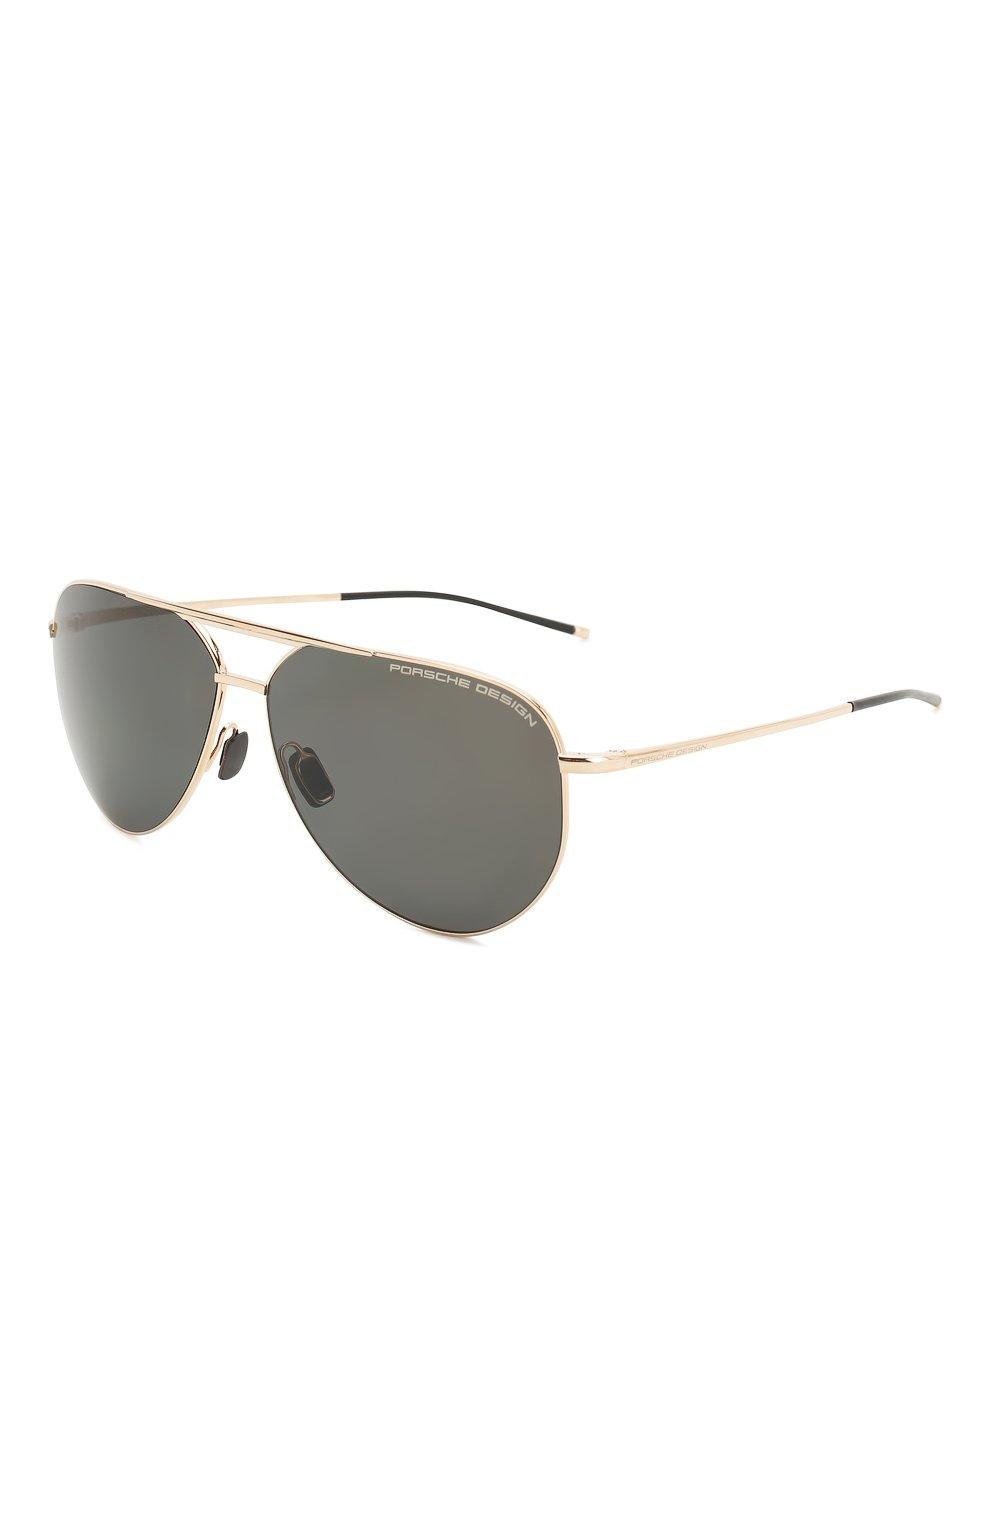 Мужские солнцезащитные очки PORSCHE DESIGN коричневого цвета, арт. 8688-B | Фото 1